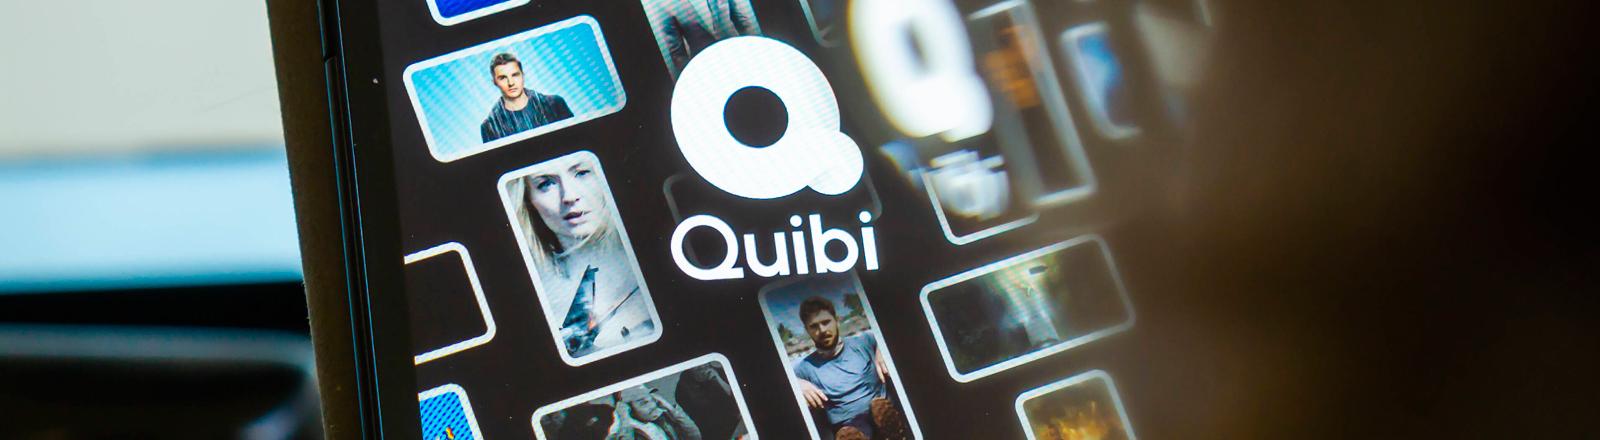 Auf einem Smartphone ist das Quibi-Logo zu sehen.